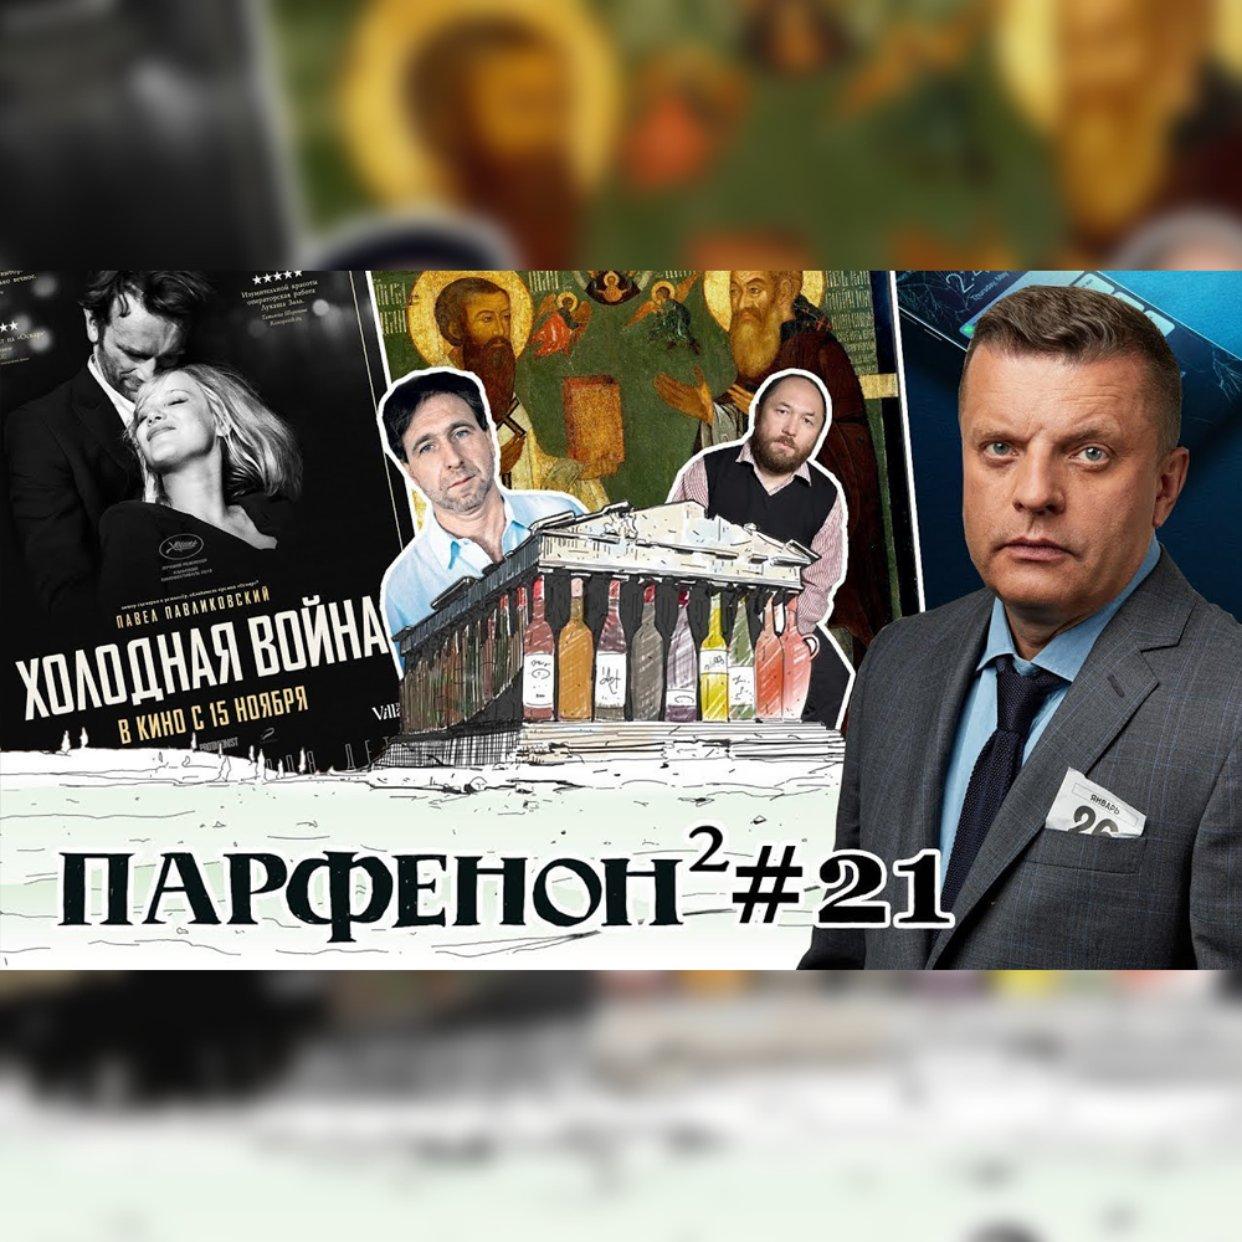 Парфенон #21: Радзинский-мл и разные жизни, Бекмамбетов и кино с компа, иконы, «Холодная война»